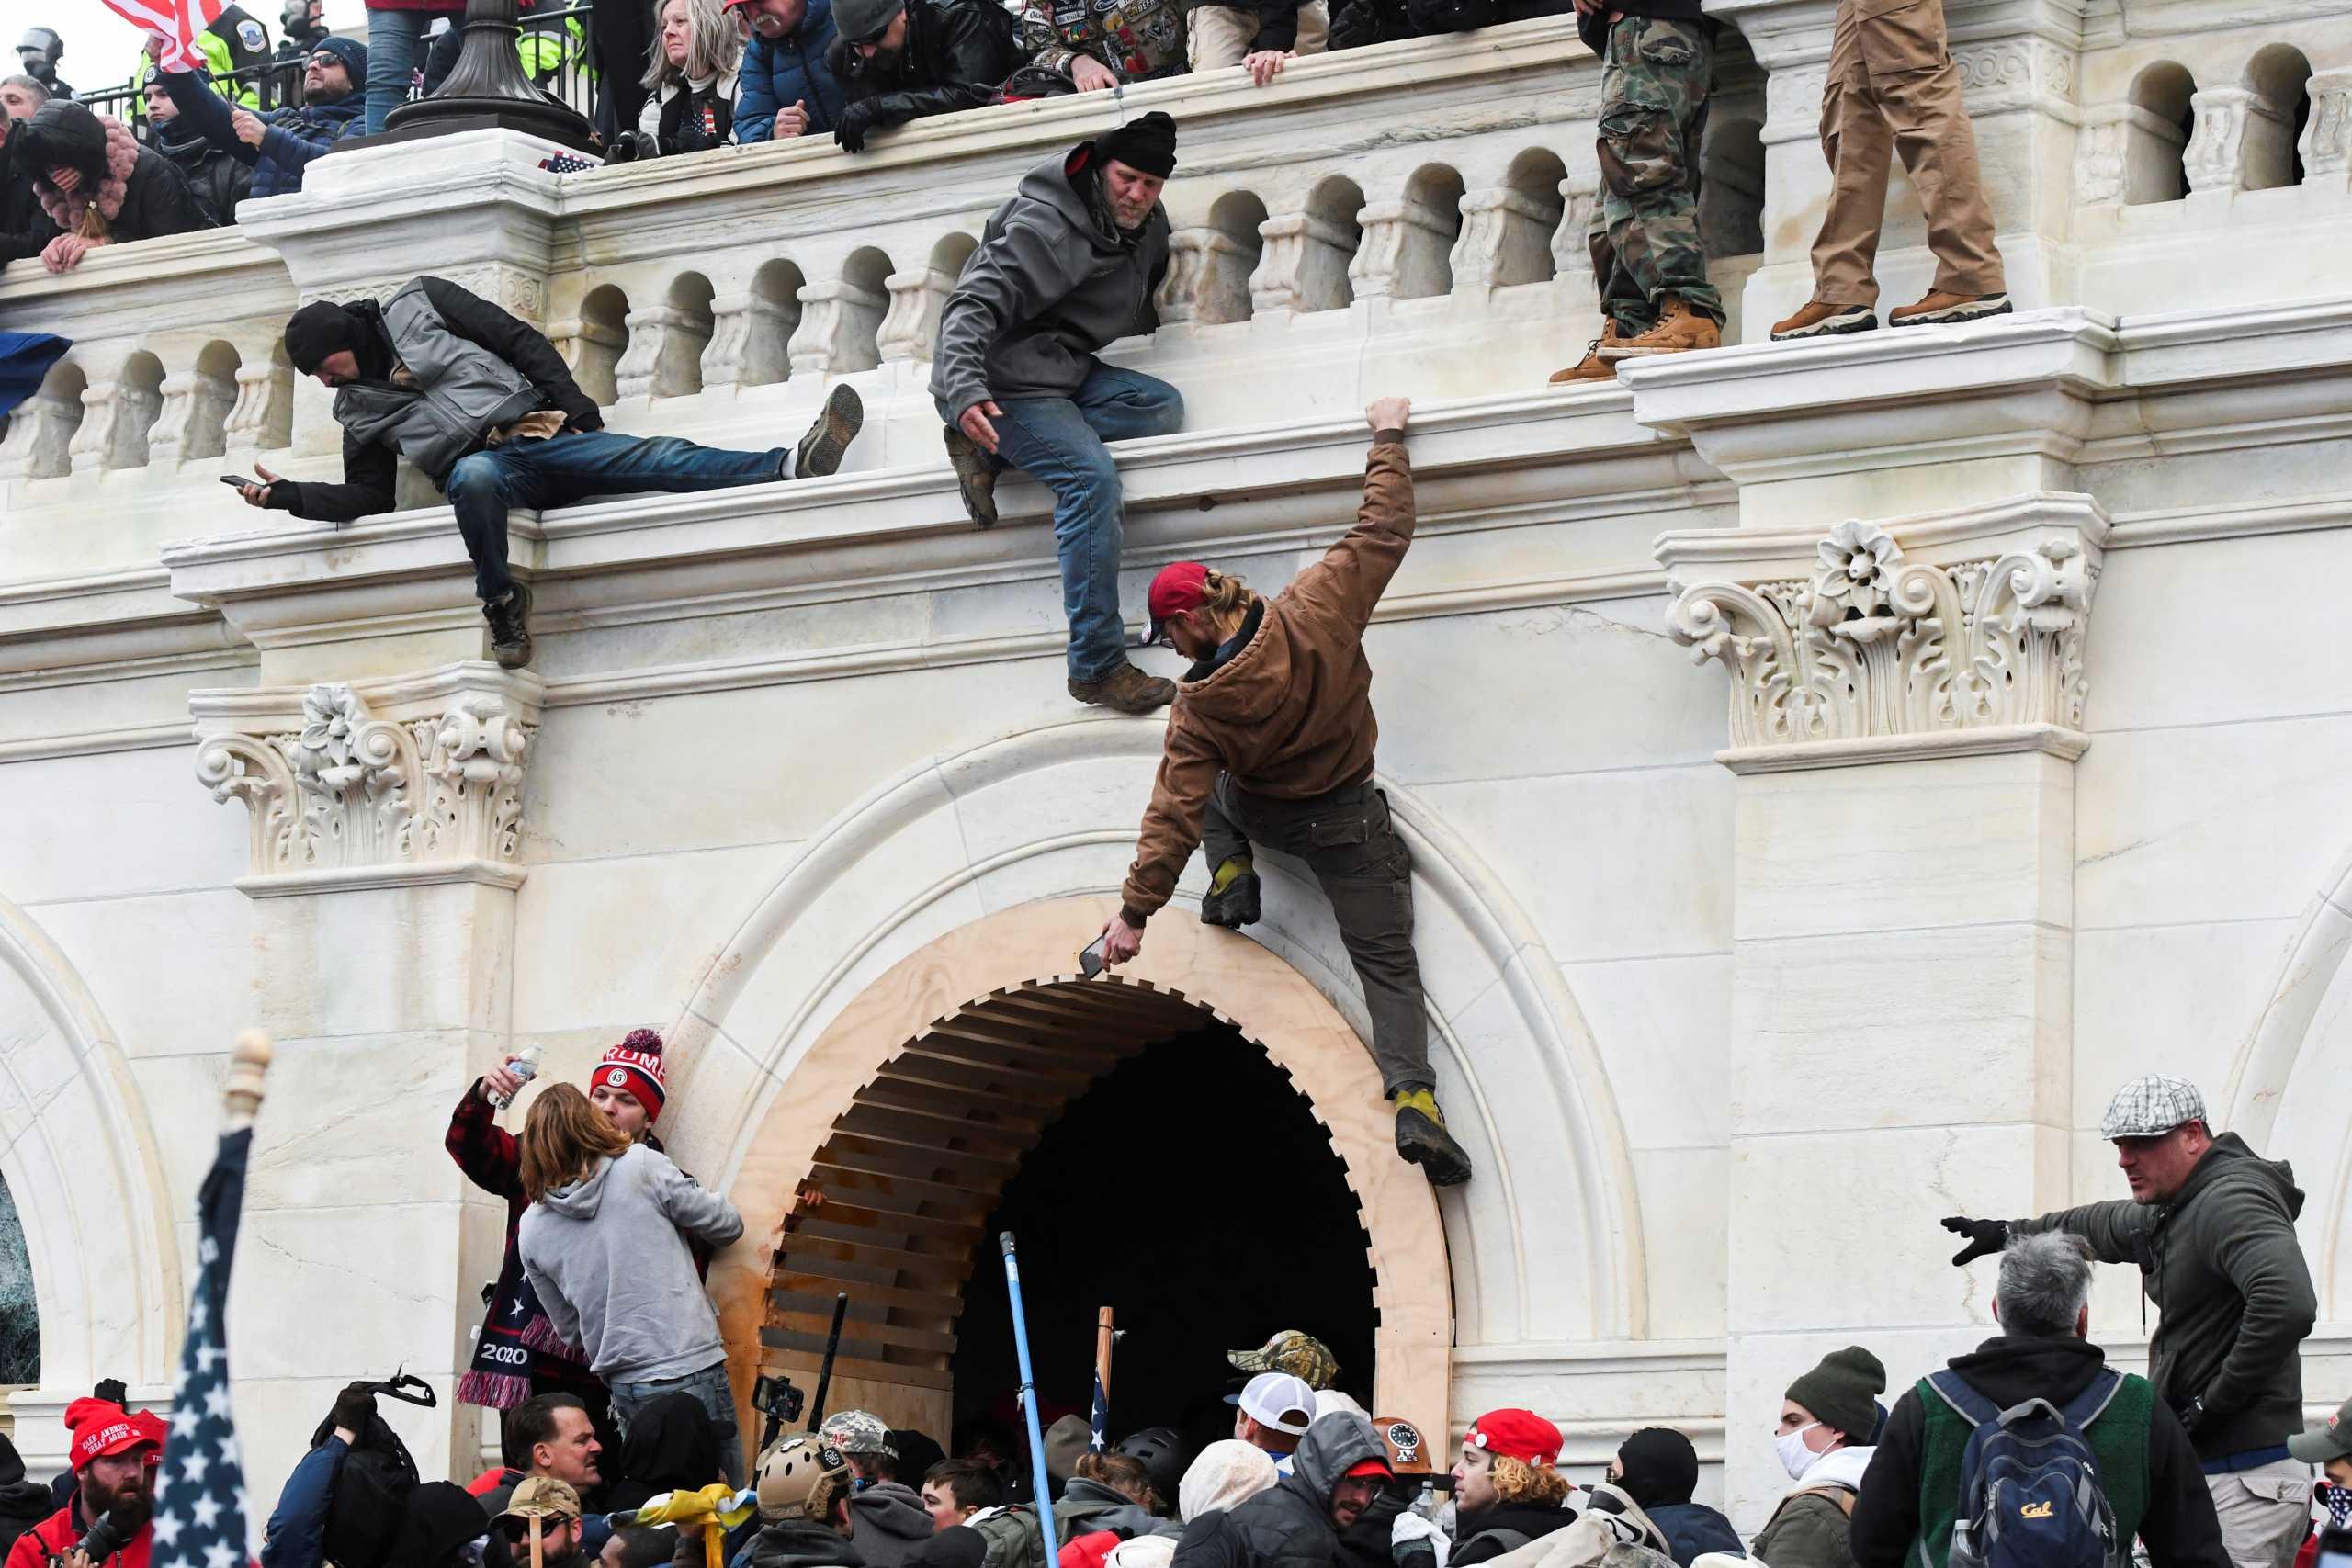 Ο Διεθνής Τύπος κατακεραυνώνει τον Τραμπ: «Το πραξικόπημα της τρέλας» στο Καπιτώλιο